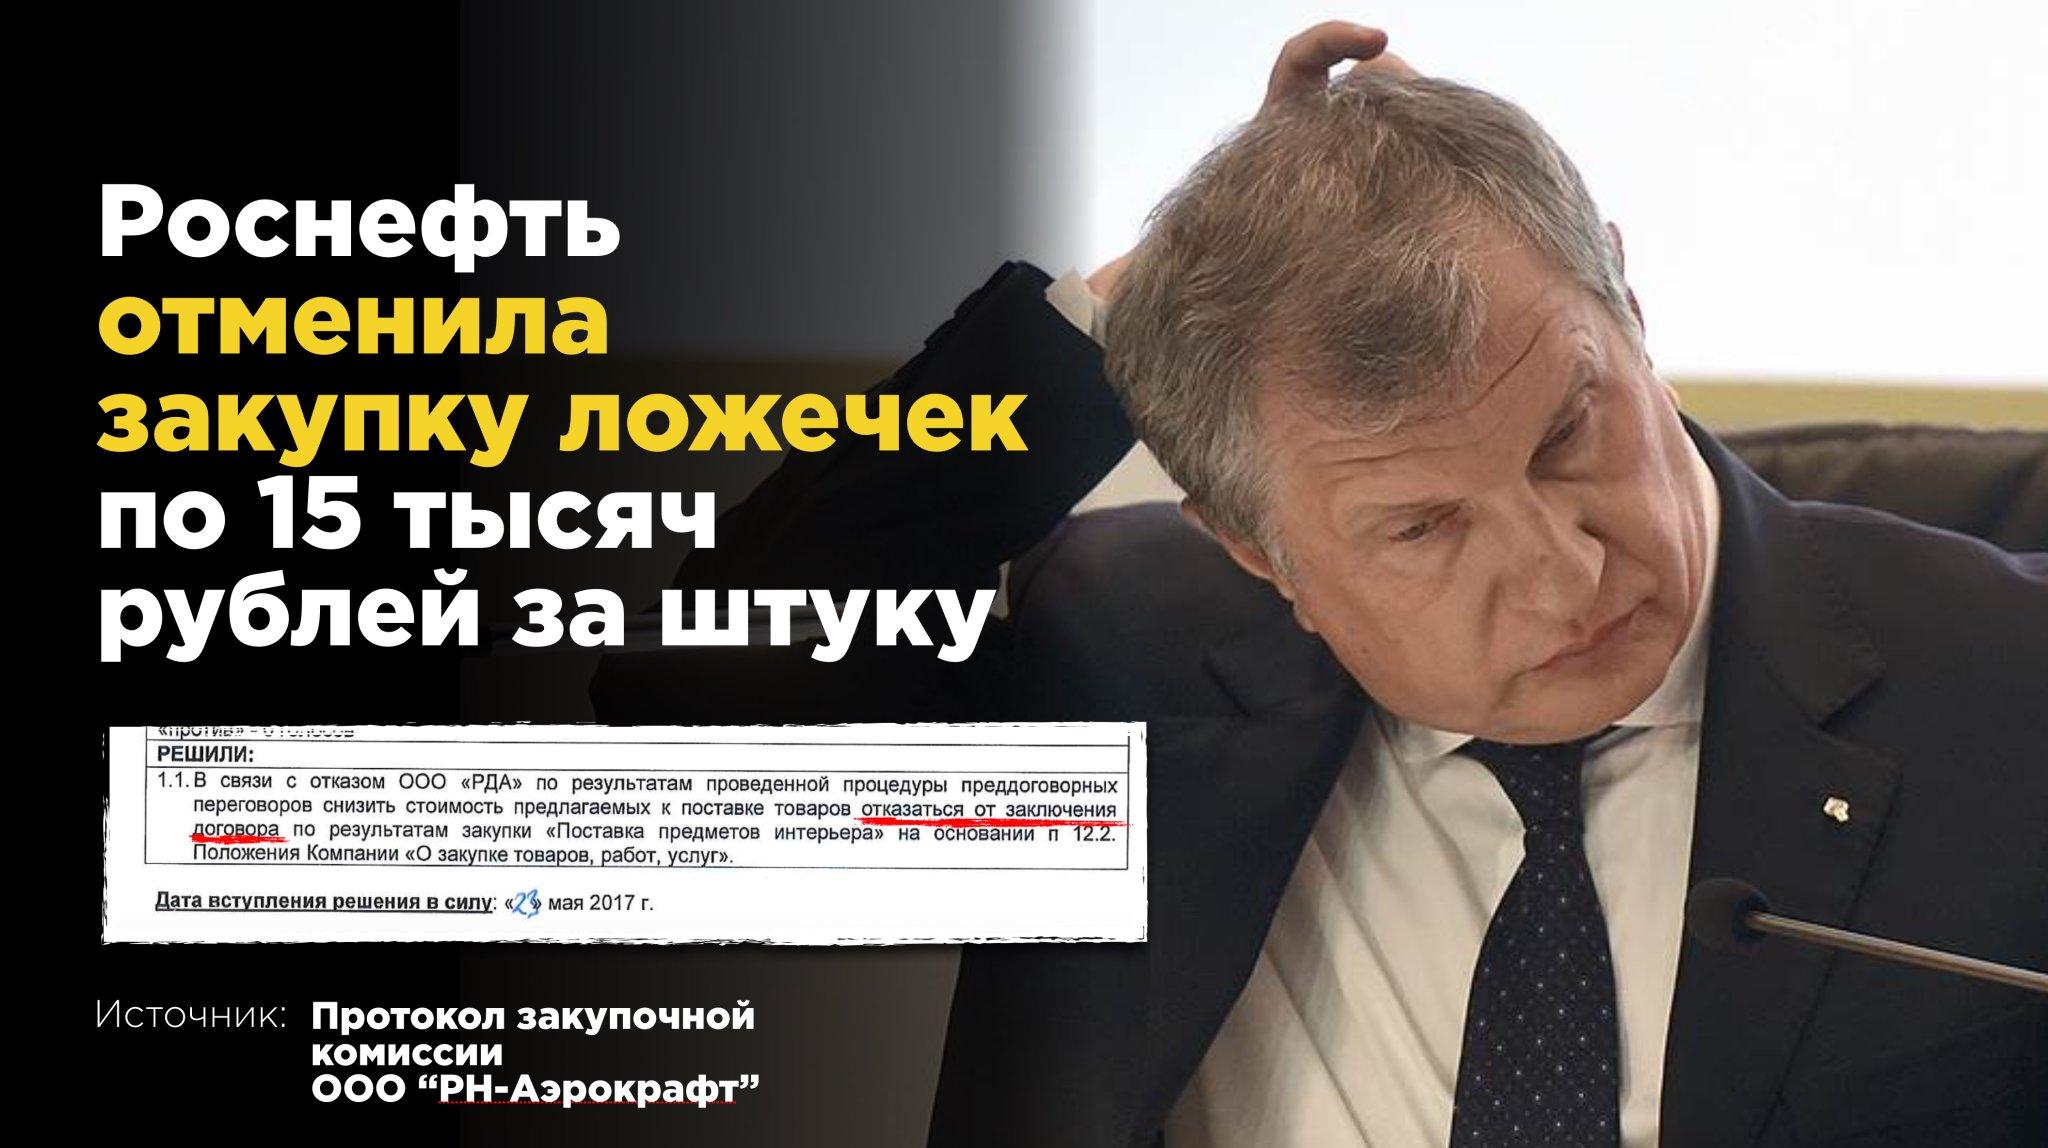 И что Теперь в Роснефти будут жрать руками